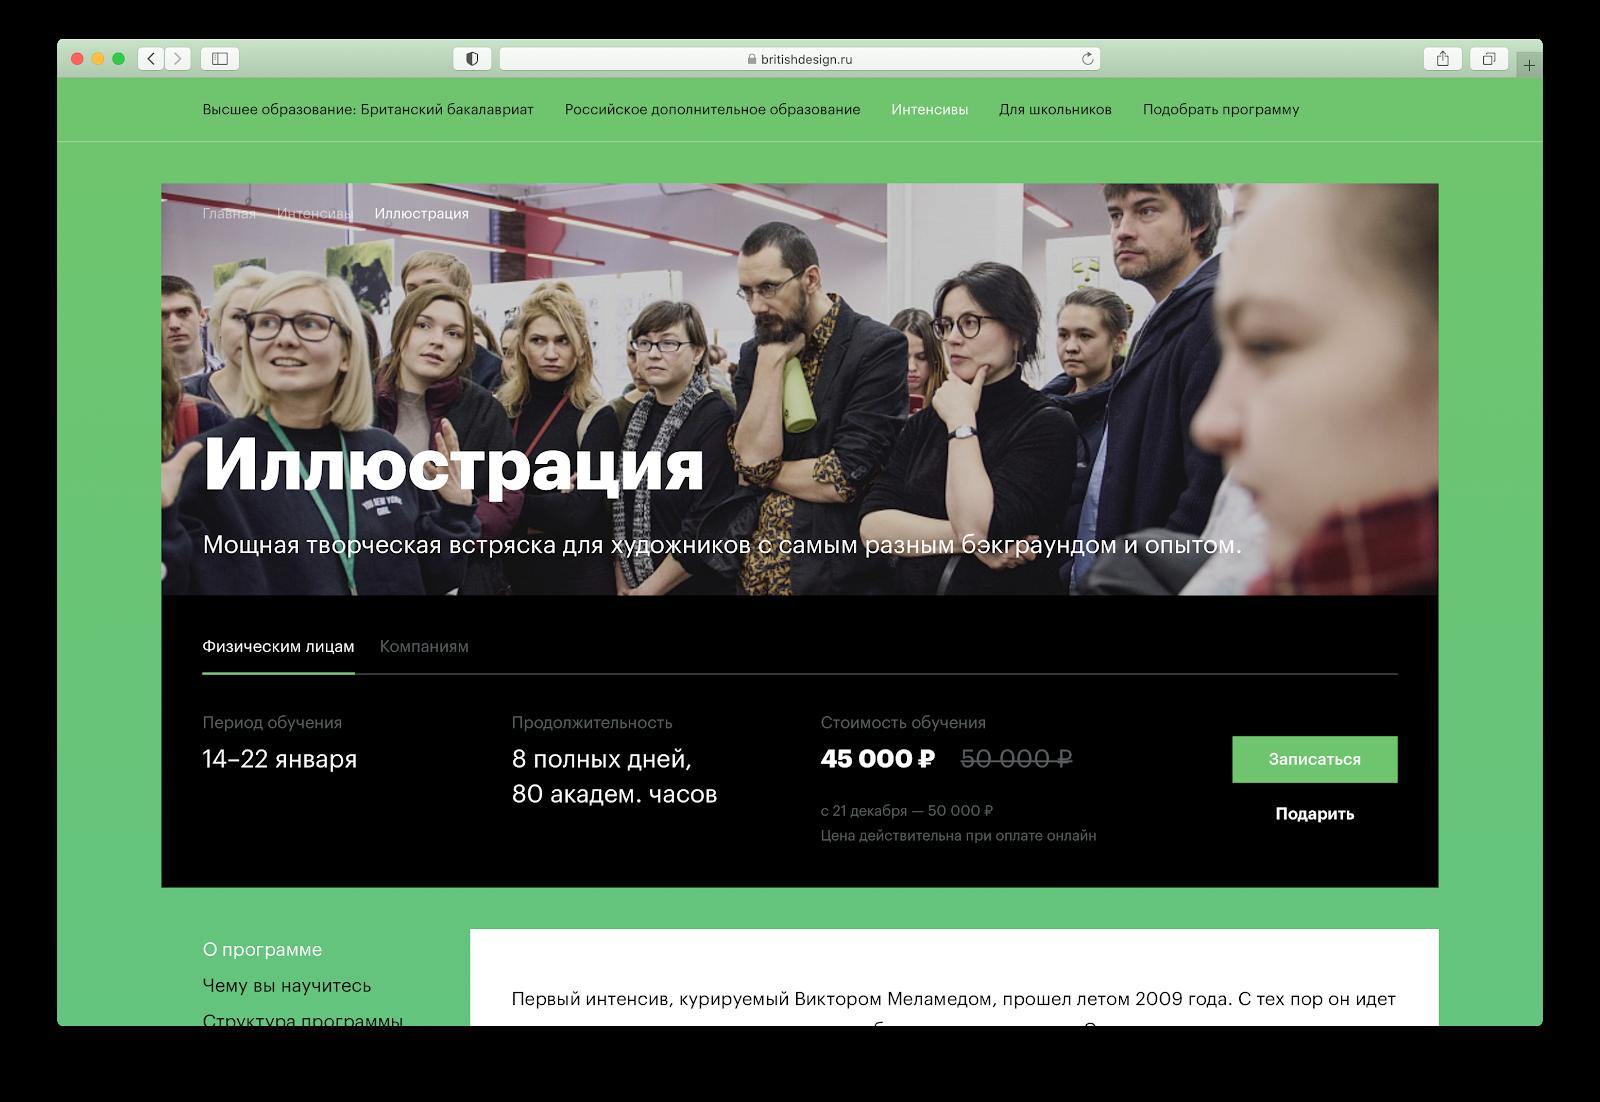 Интенсив по иллюстрации в Москве. Мощная творческая встряска для художников с самым разным бэкграундом и опытом.